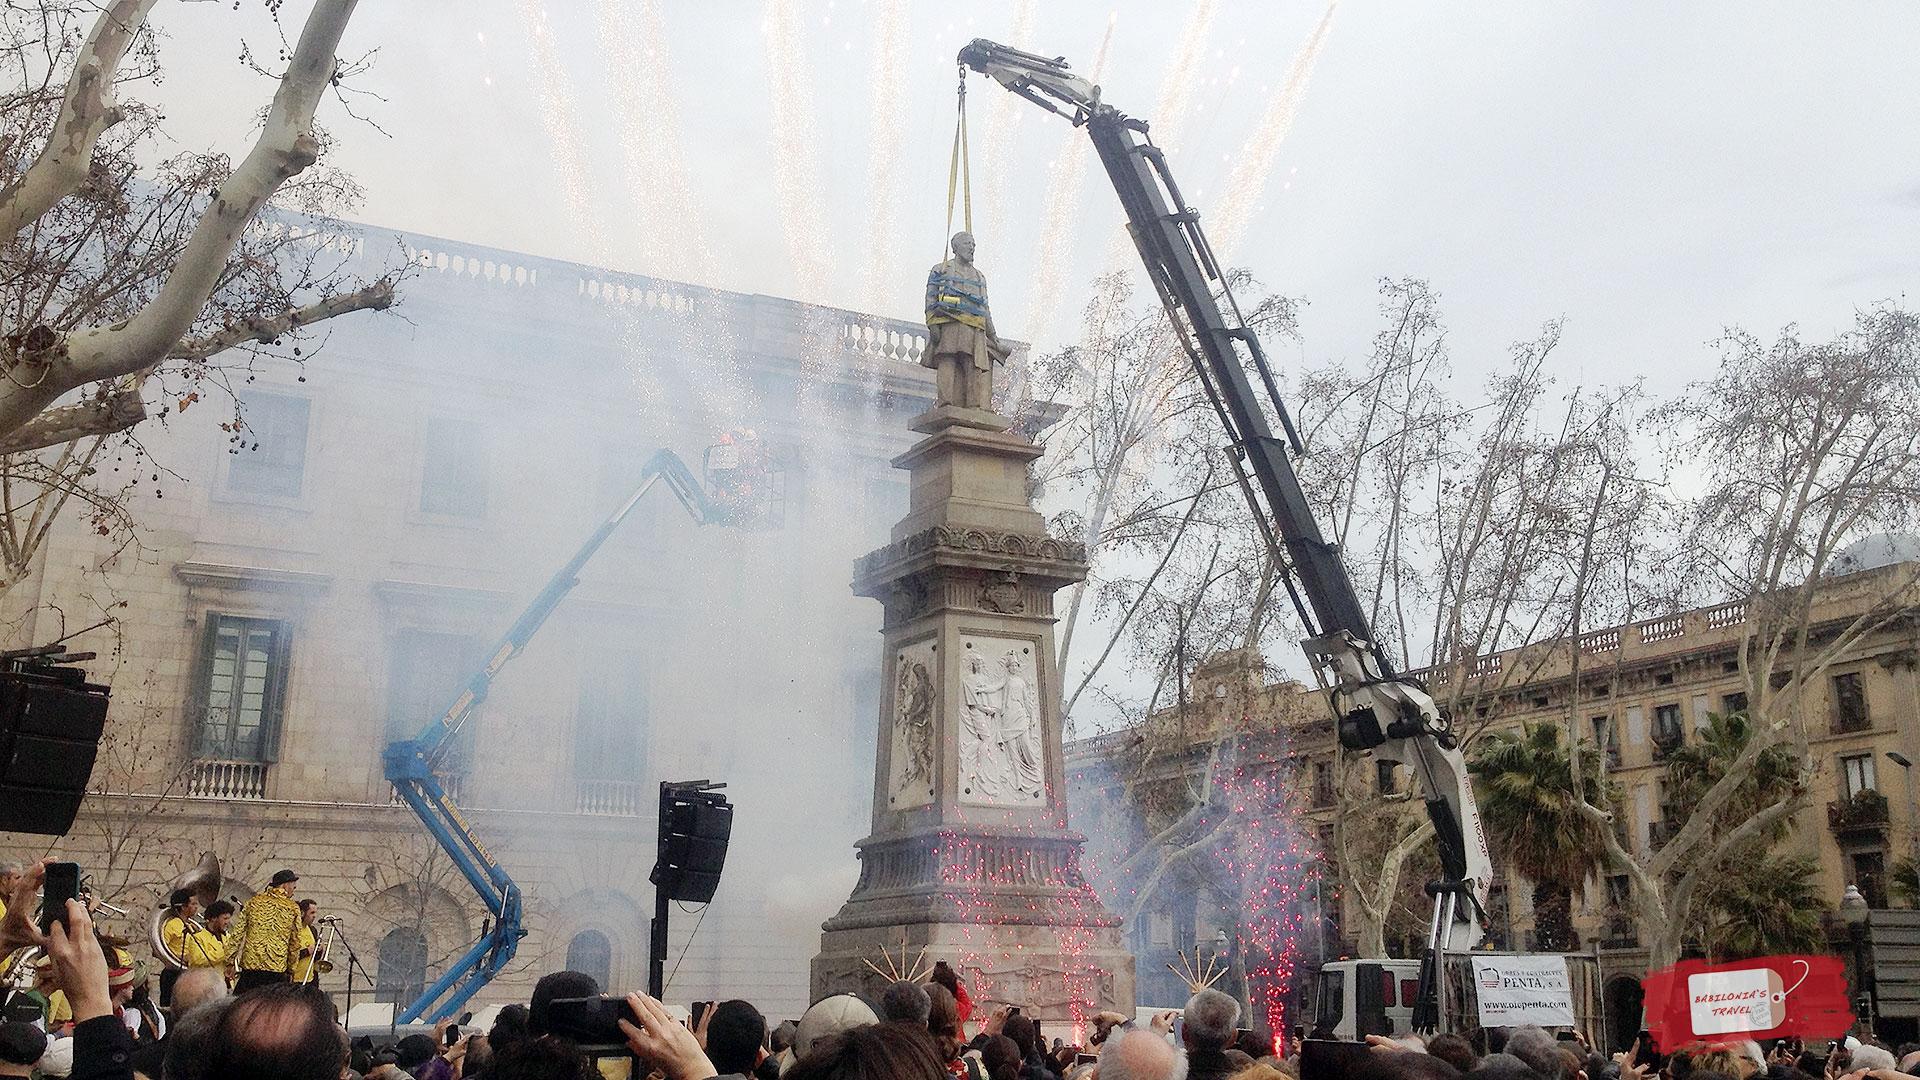 Cae La Escultura De Antonio López, El Viajero De Mirada Colonialista